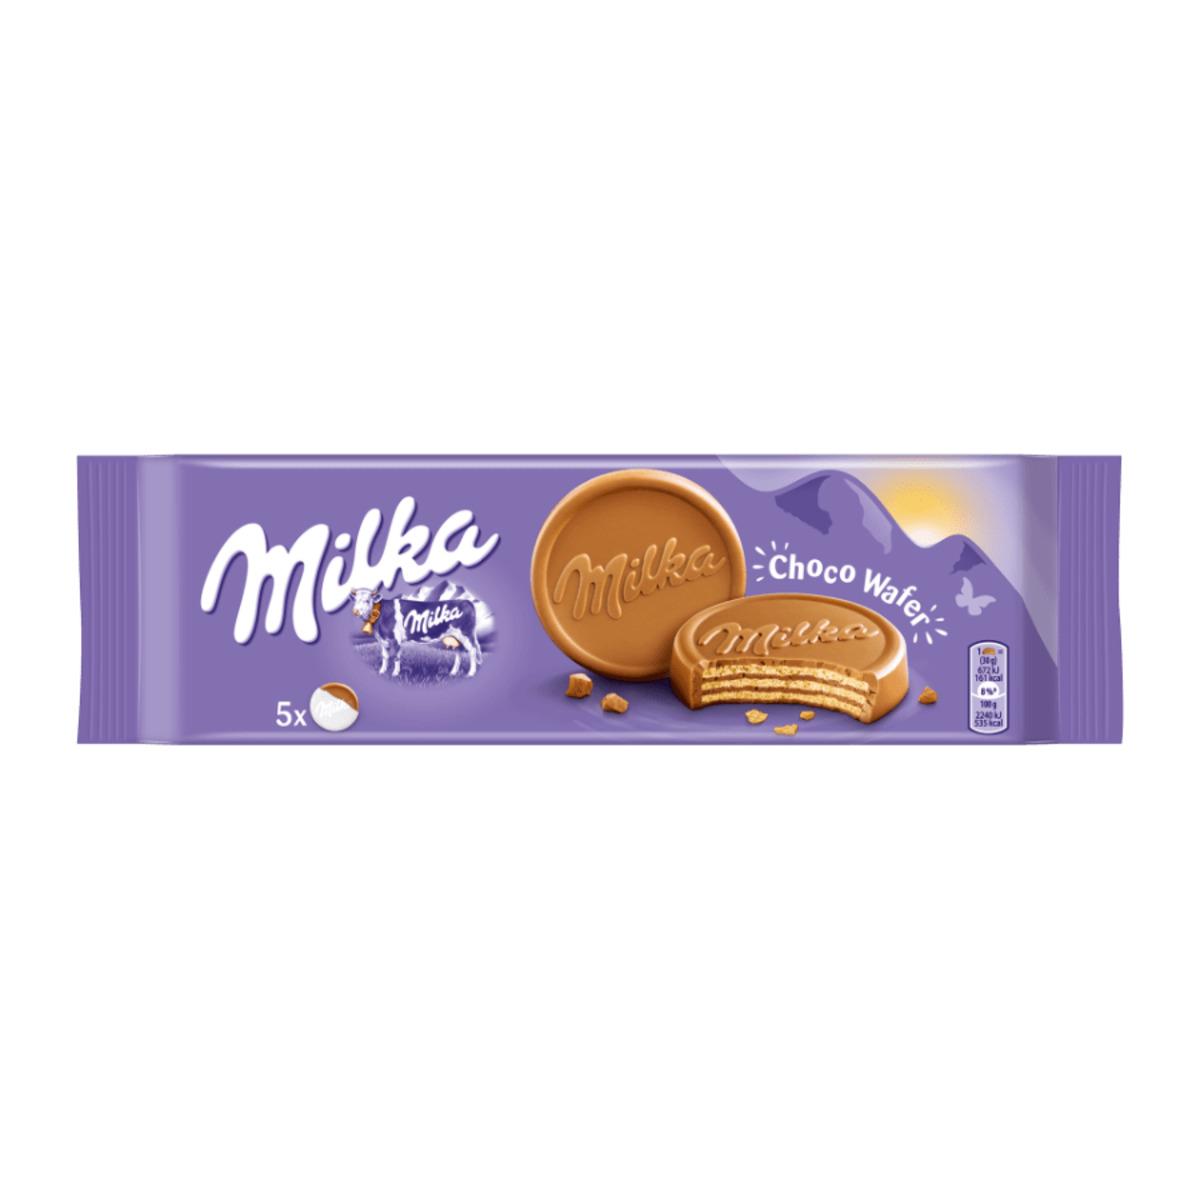 Bild 2 von Milka Kekse